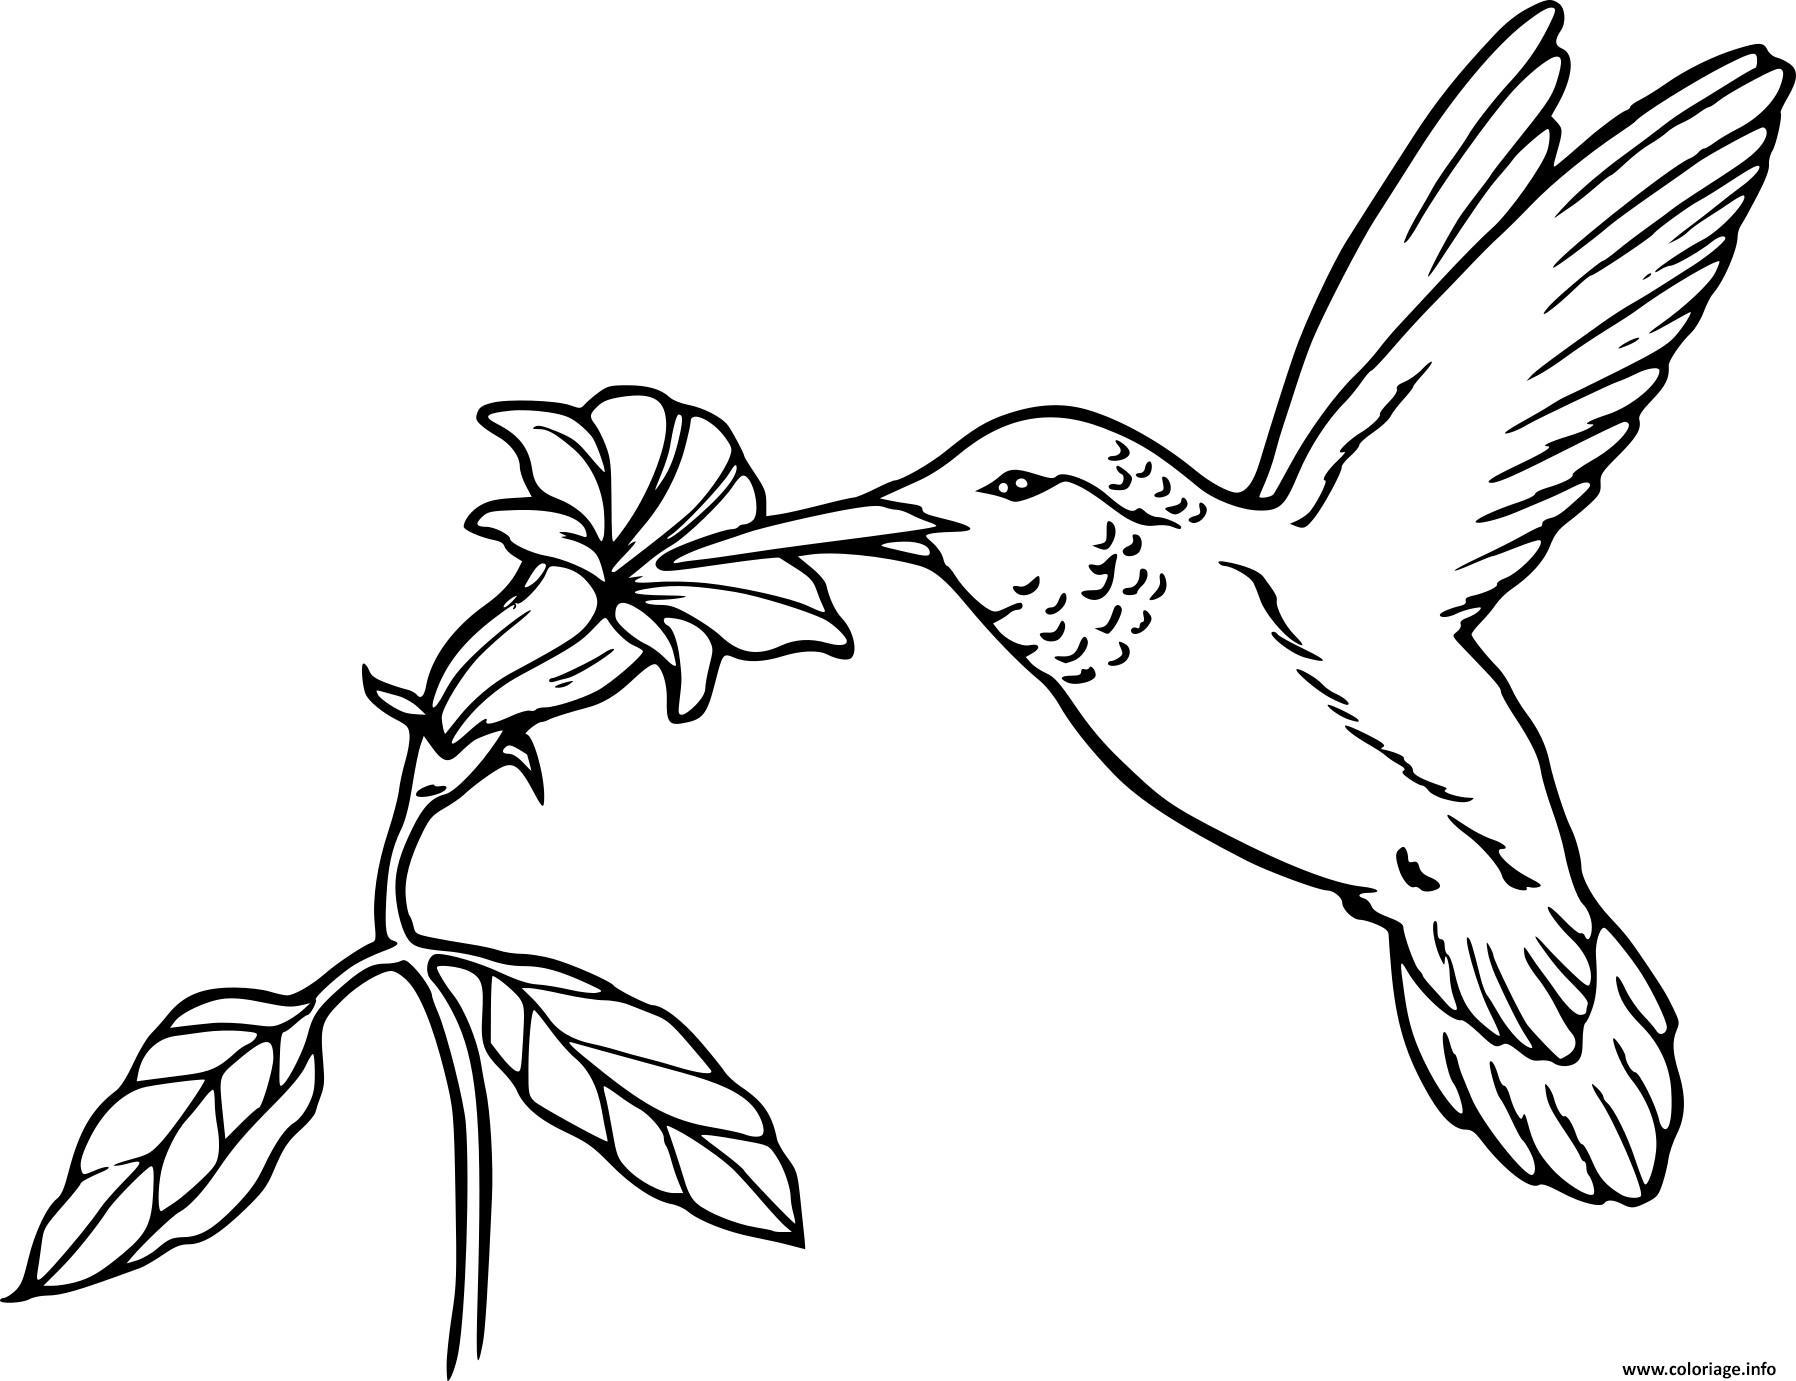 Dessin oiseau en vol nourriture fleur Coloriage Gratuit à Imprimer